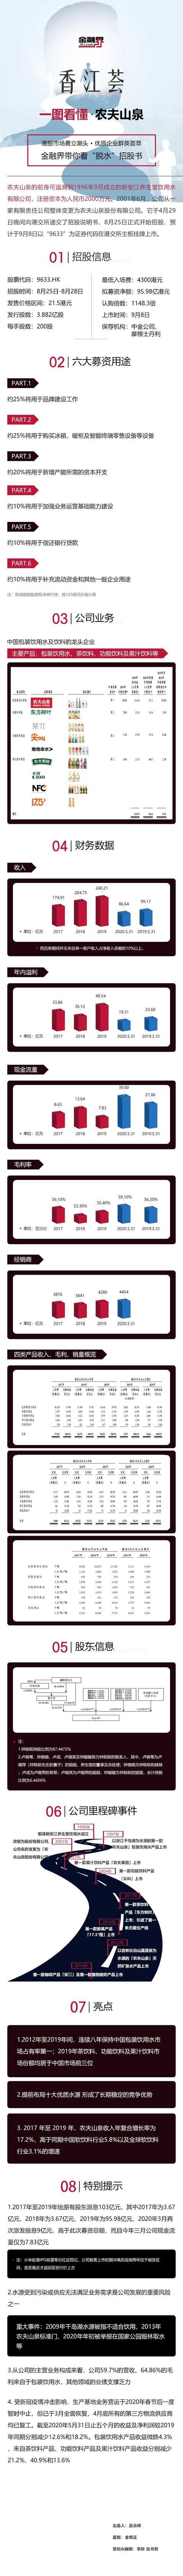 一图看懂农夫山泉赴港上市:市值超过三桶油 中国首富又要易主【www.smxdc.net】